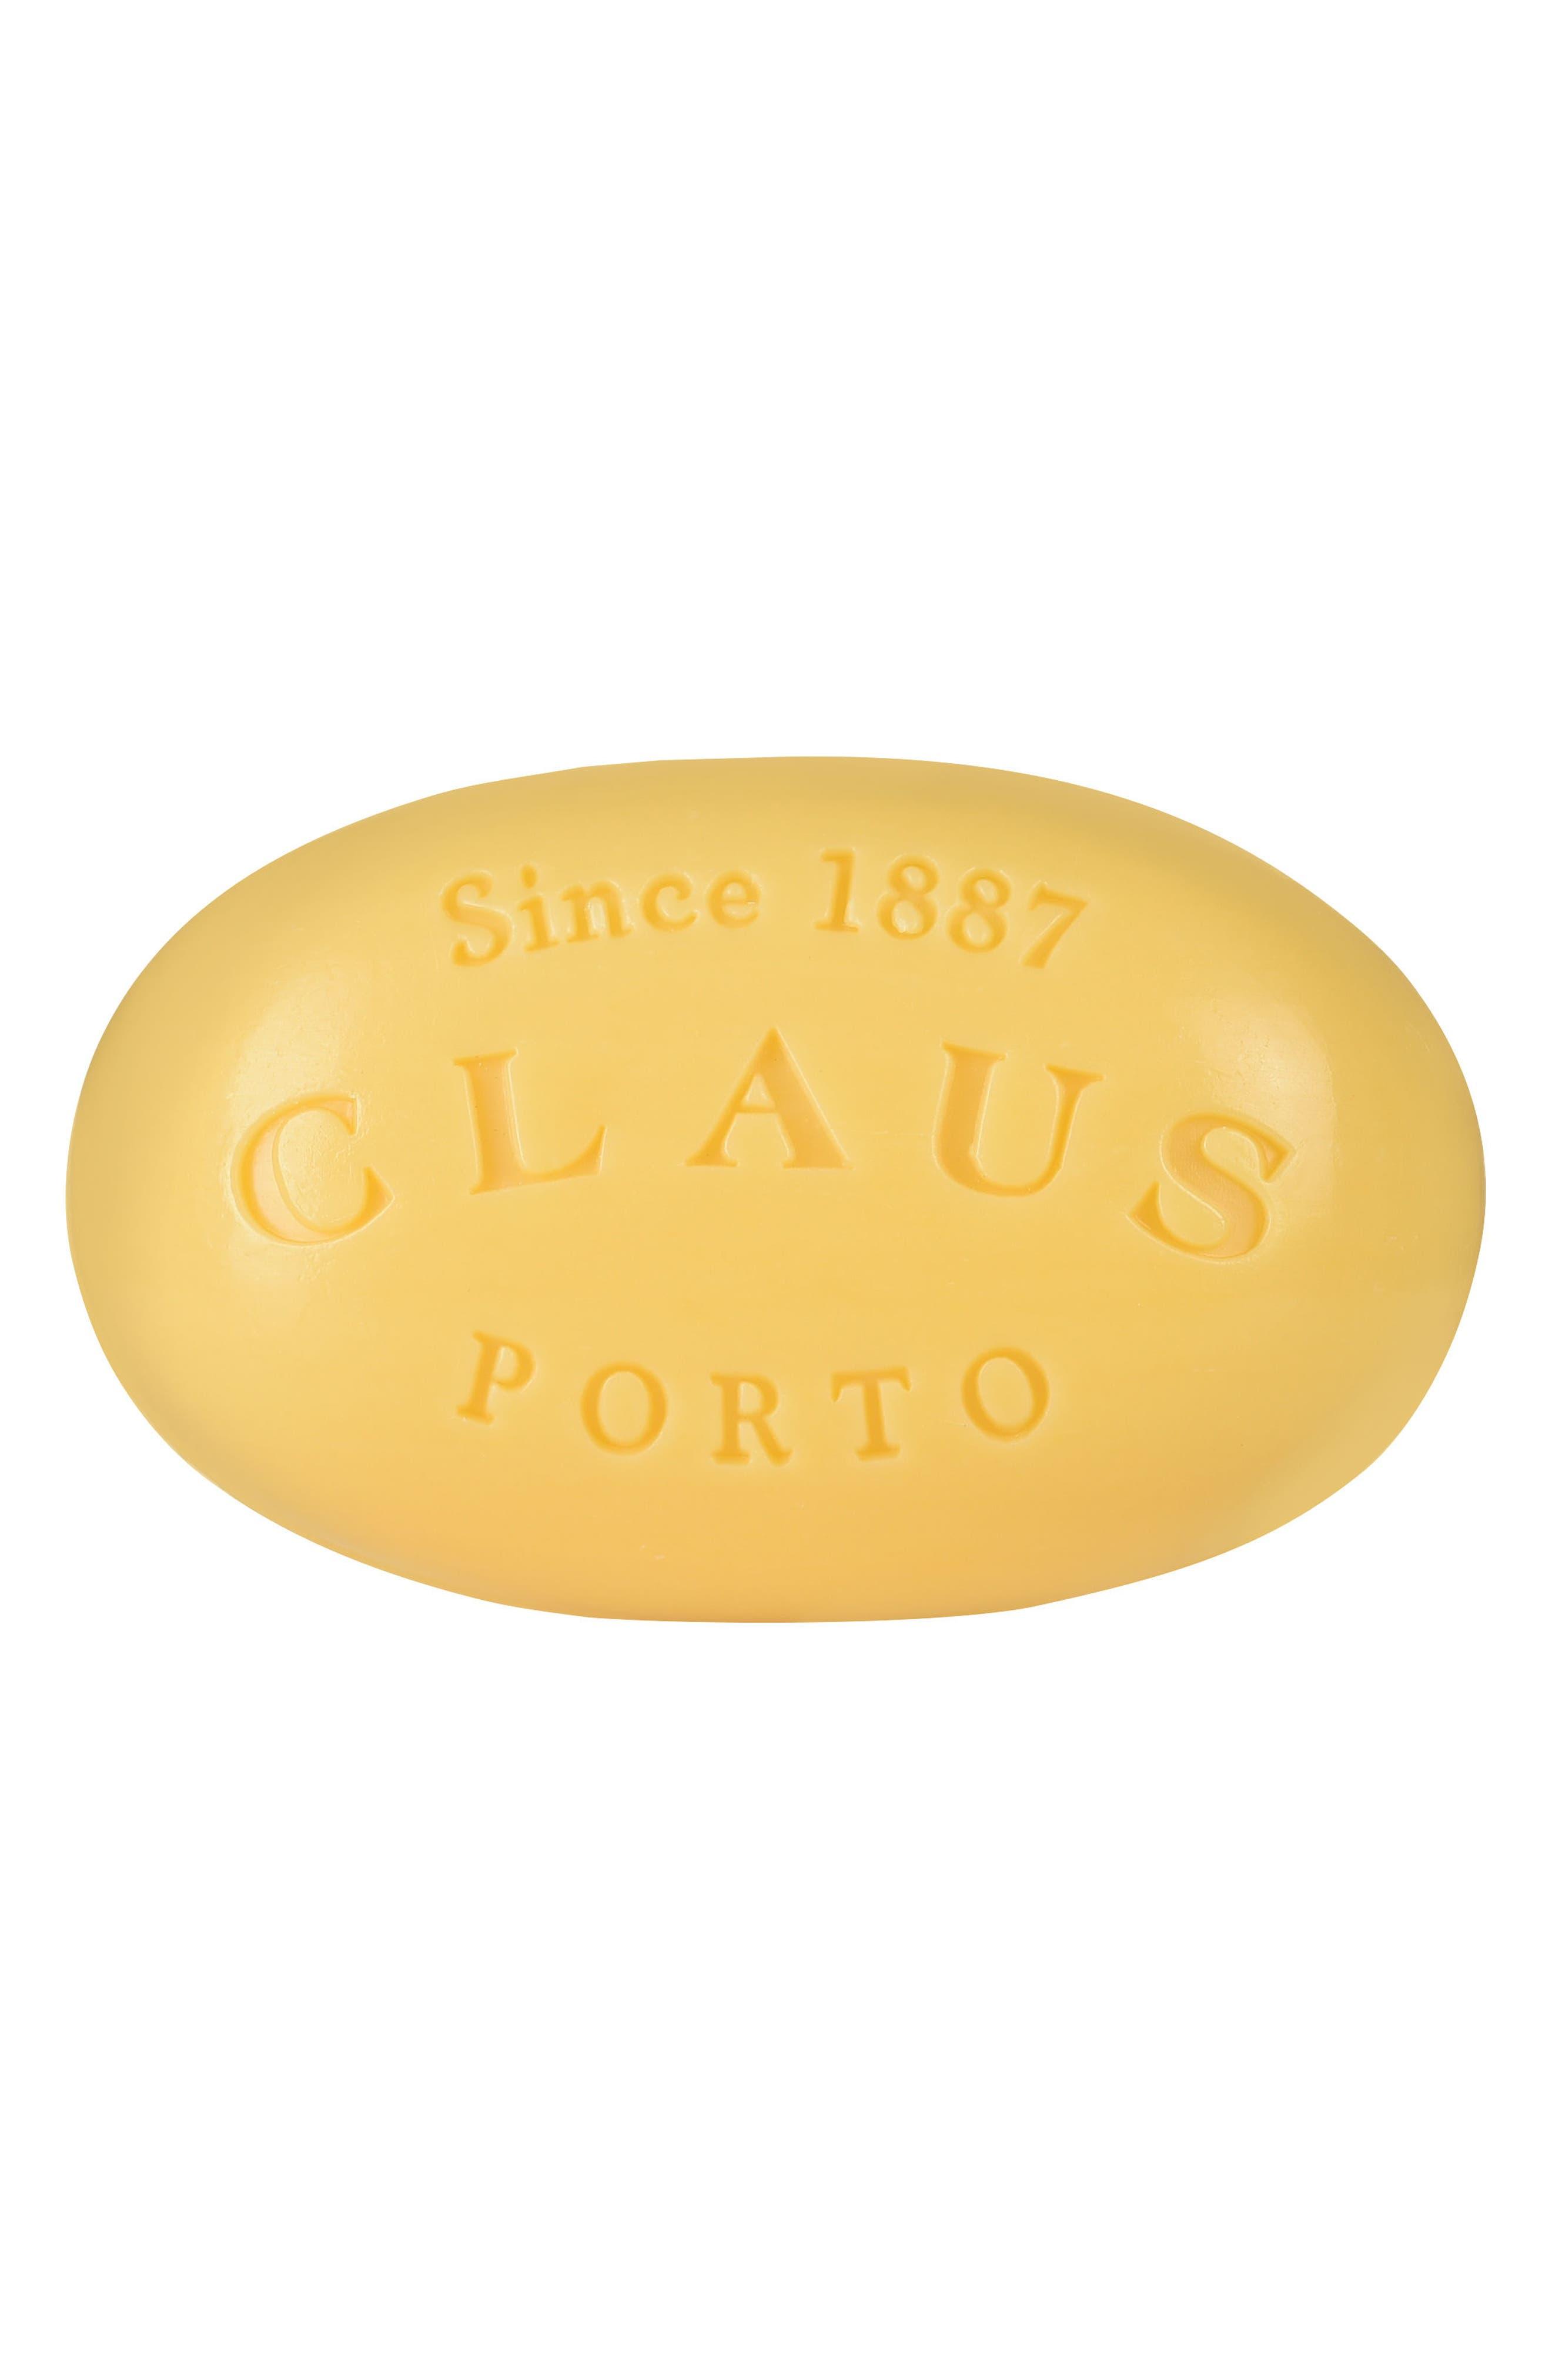 CLAUS PORTO Banho Citron Verbena Soap